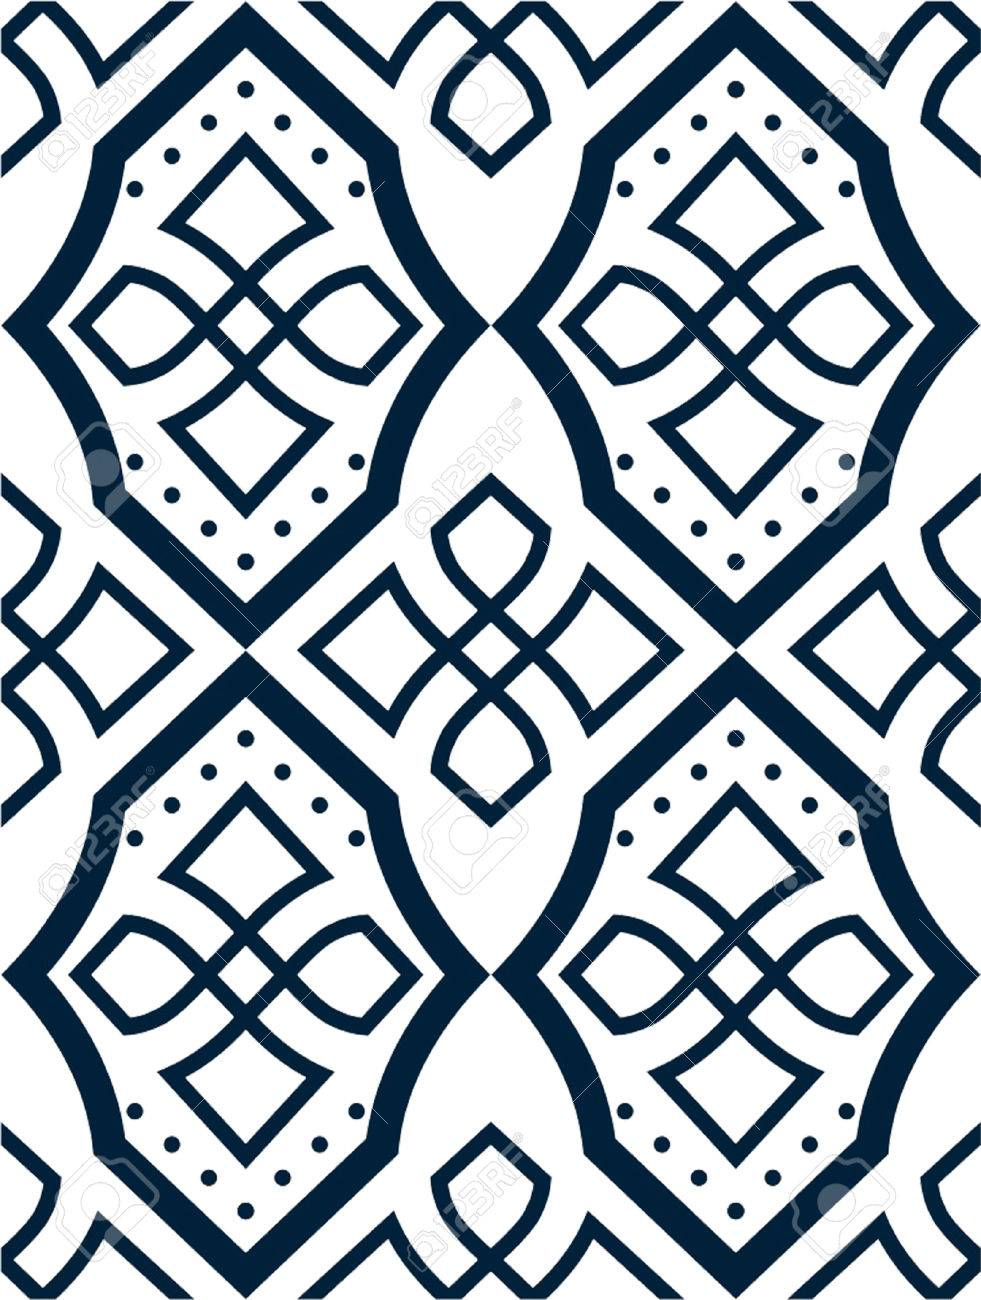 Patrones Geométricos Ilustraciones Vectoriales, Clip Art Vectorizado ...